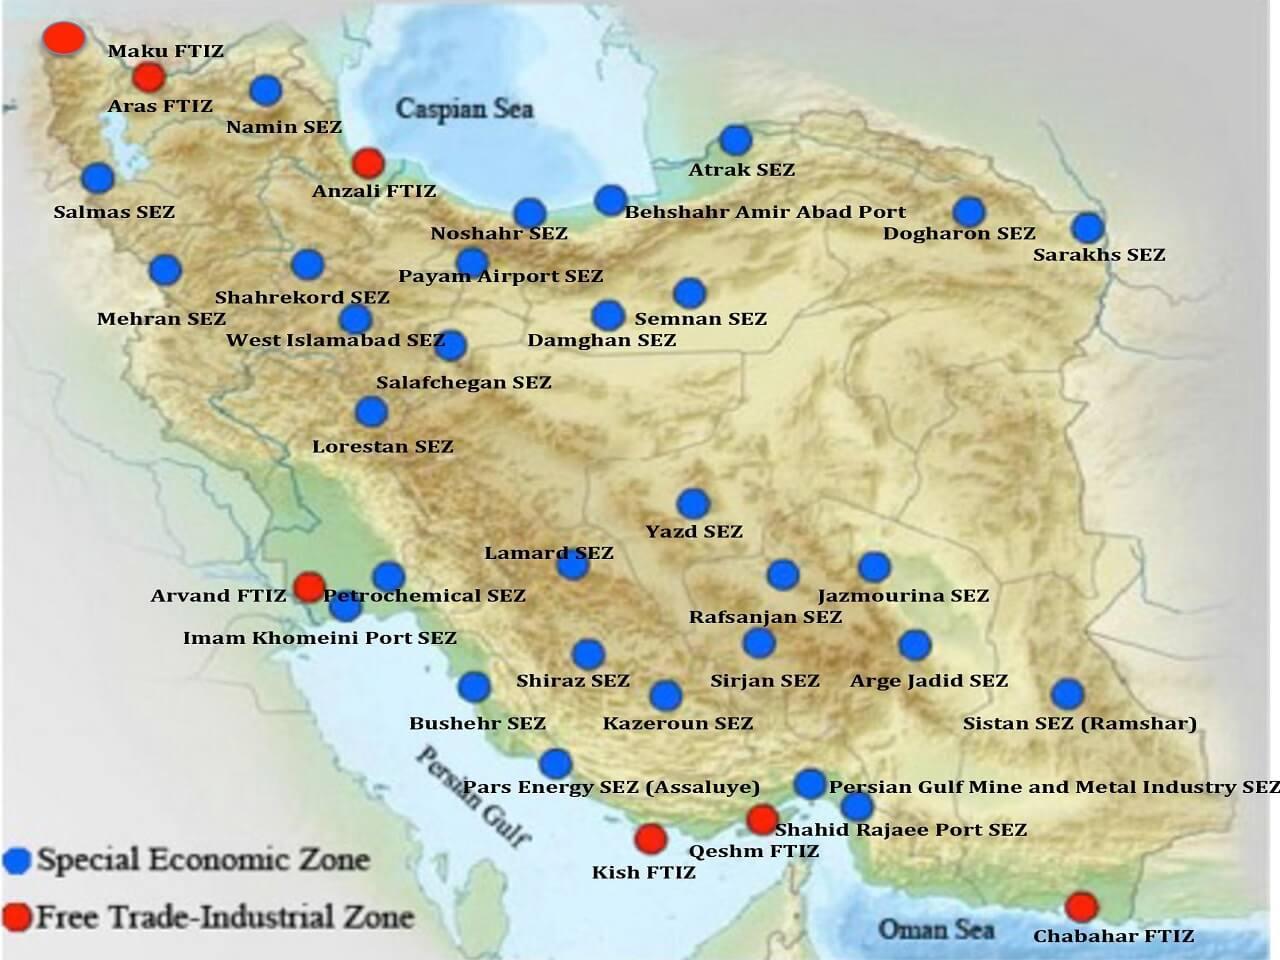 İran Türkiye ile Ticaretinde Serbest Bölgelerin Ağırlığını Artıracak